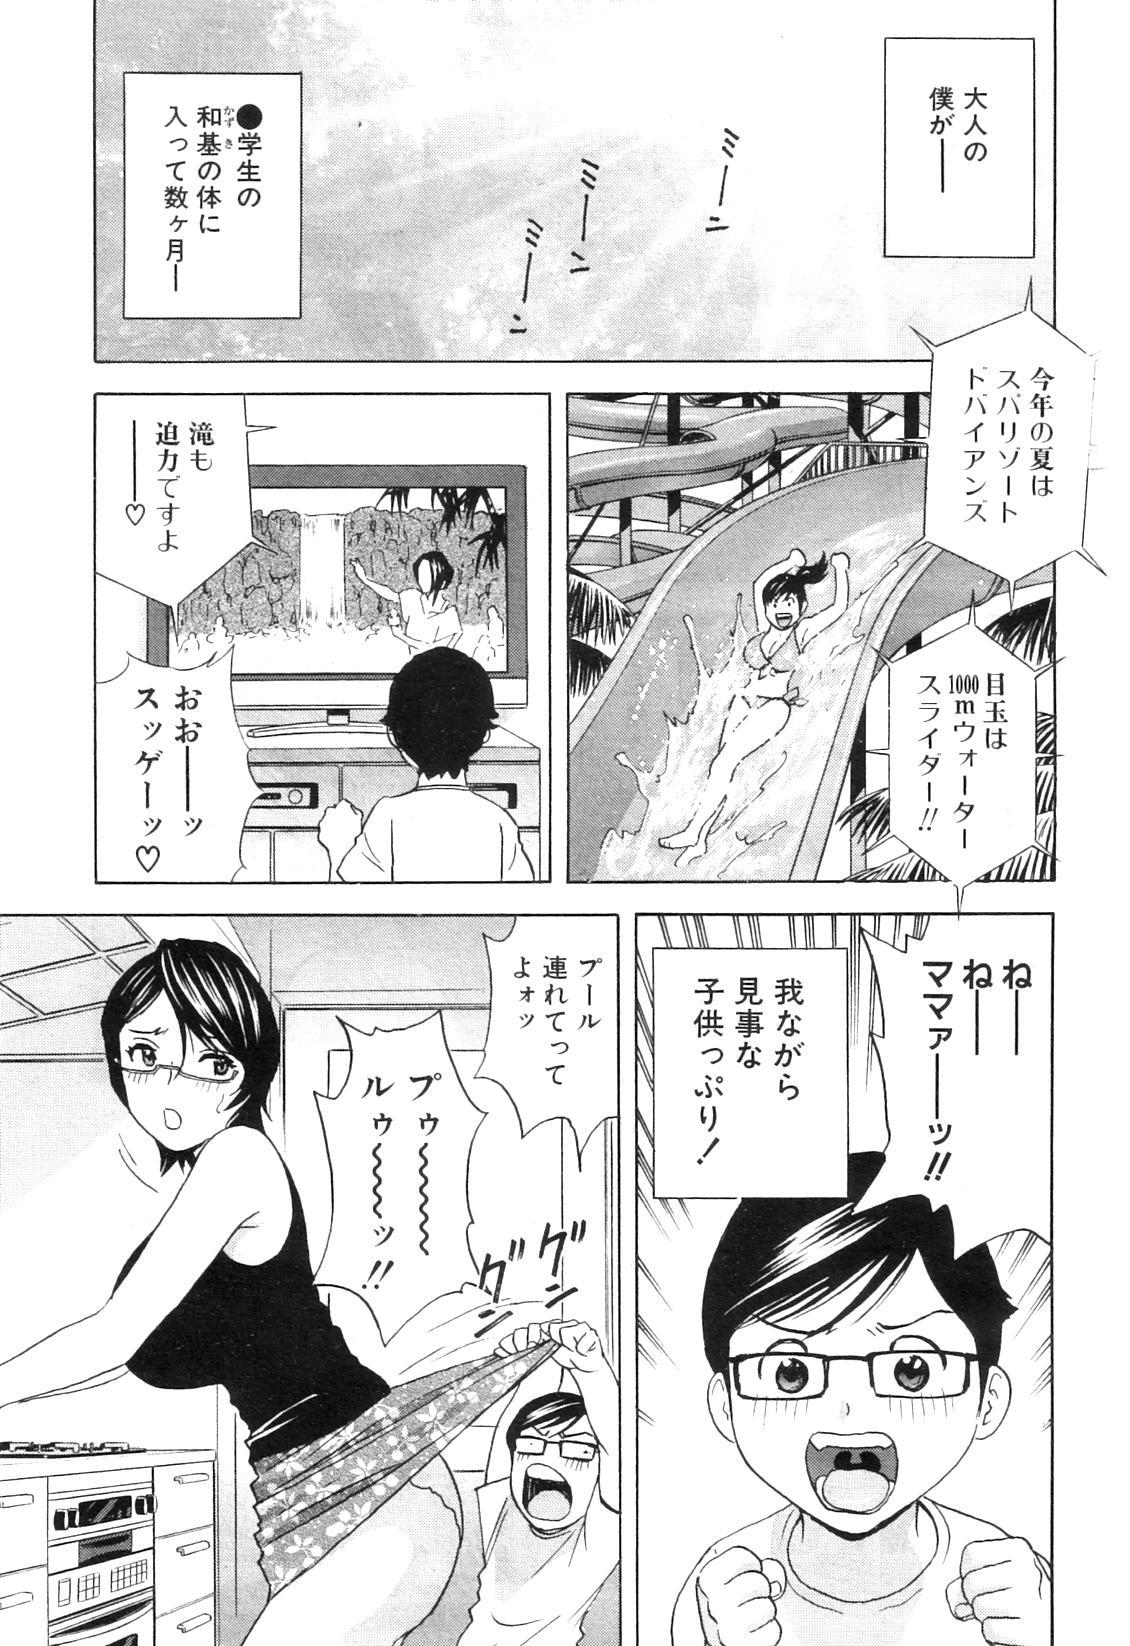 Kodomo ni Natte Okashi Makuru yo! Ch. 1-4 39